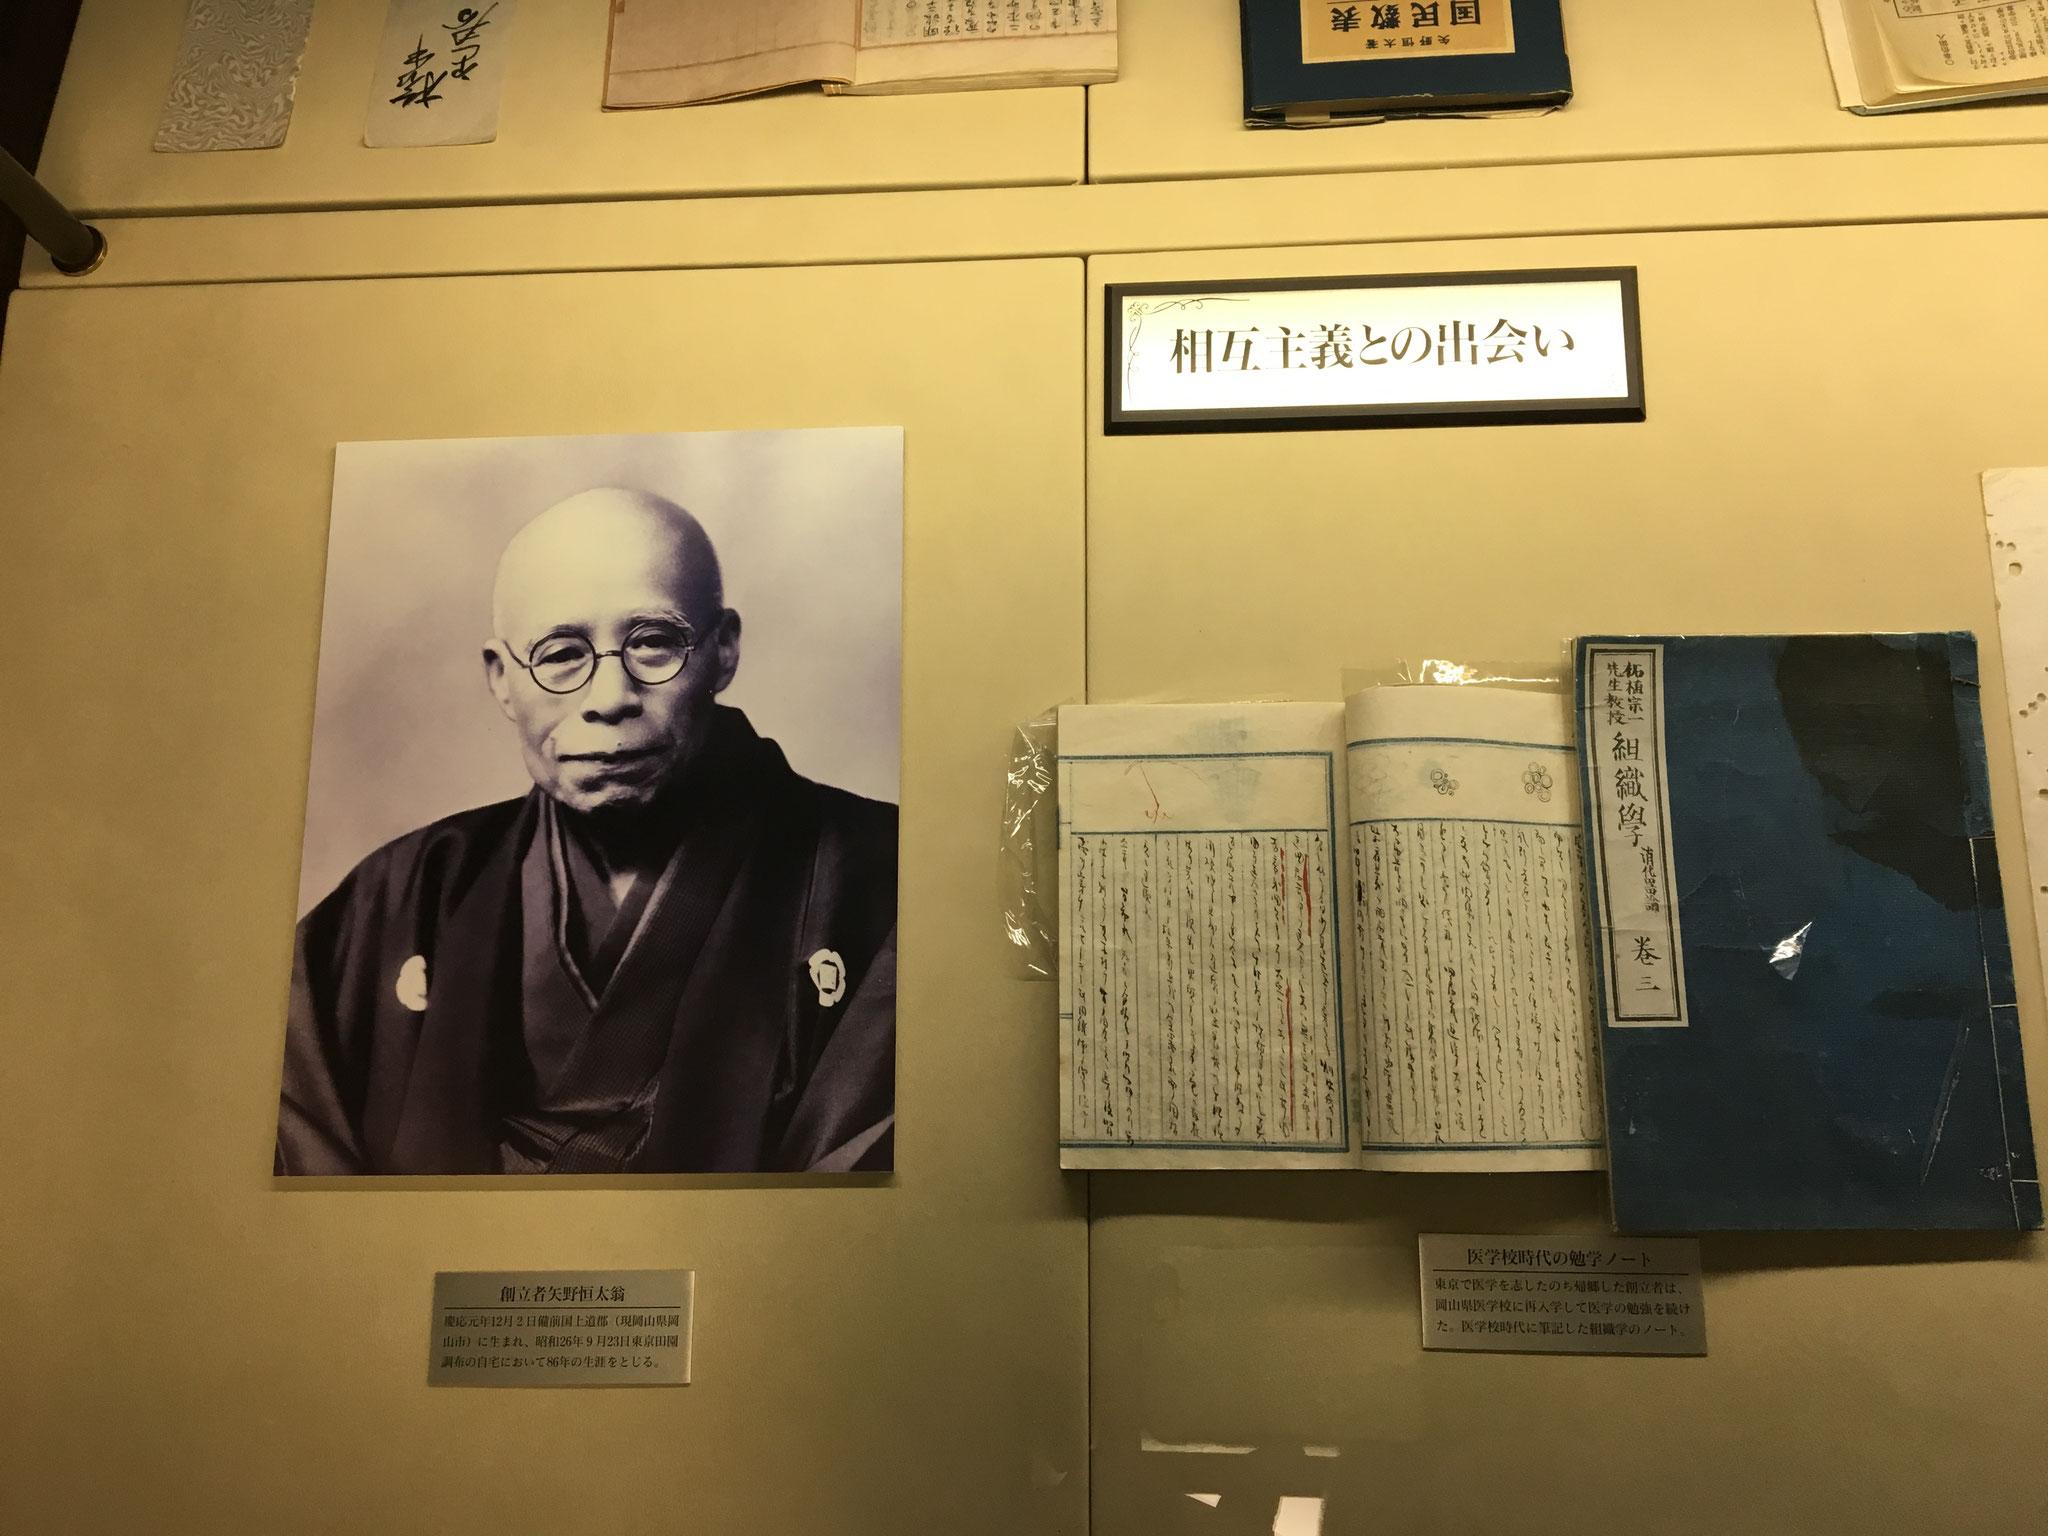 第一生命創設者 矢野恒太氏 資料館より